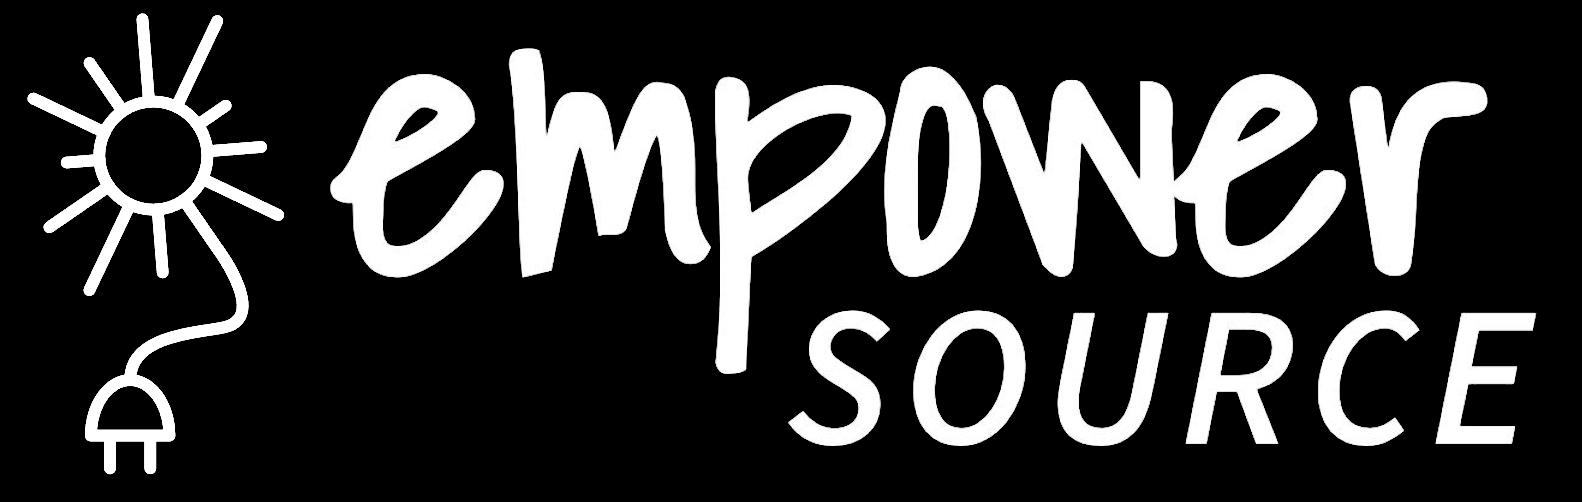 EmpowerSource